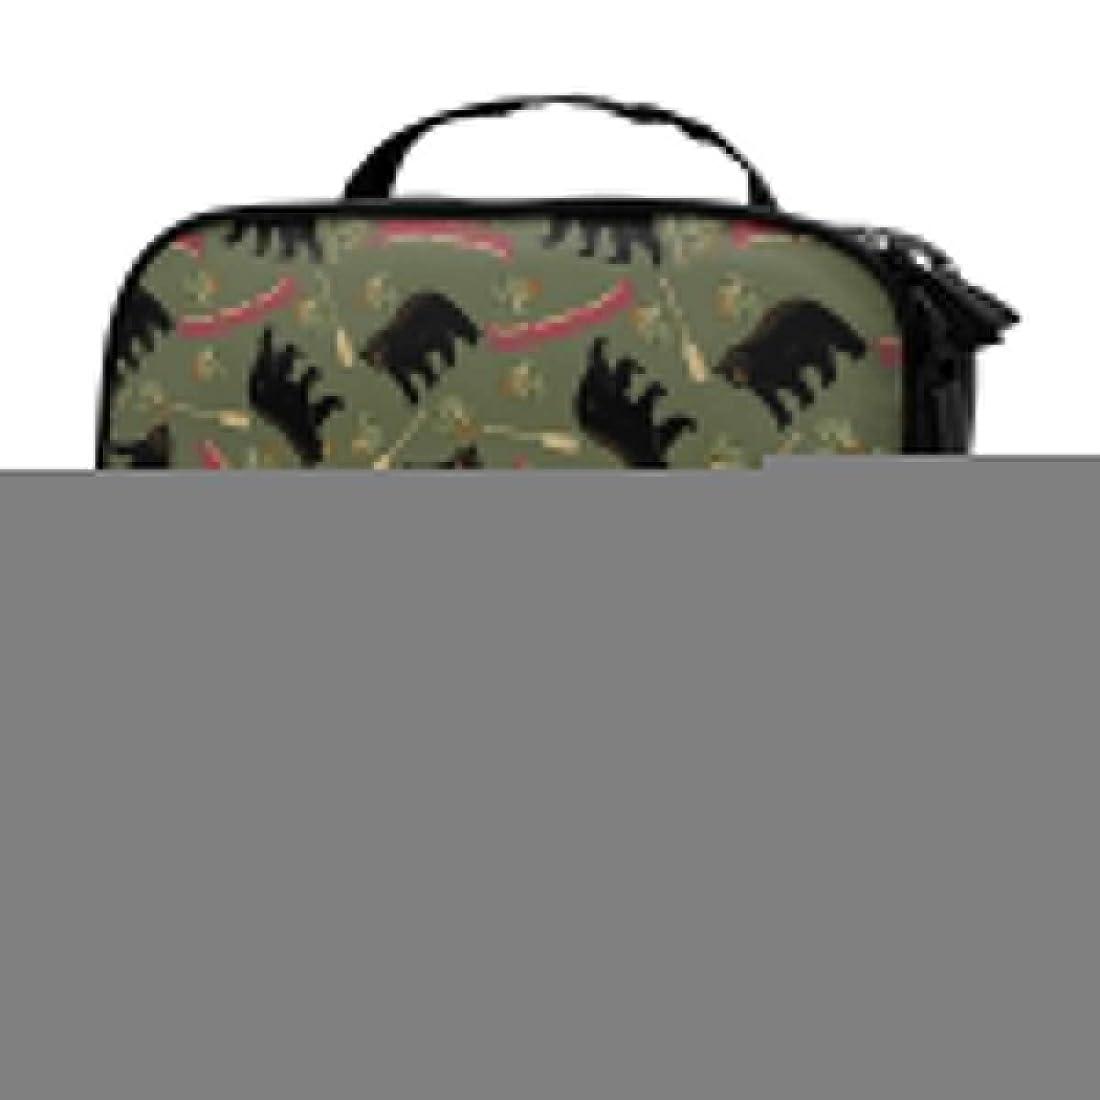 ケージ芽ブラザー収納袋クロクマ赤カヌーグリーン化粧品袋耐摩耗性軽量ポータブル高品質大容量旅行ポーチバスルームポーチ旅行小物整理約8×25×19cm